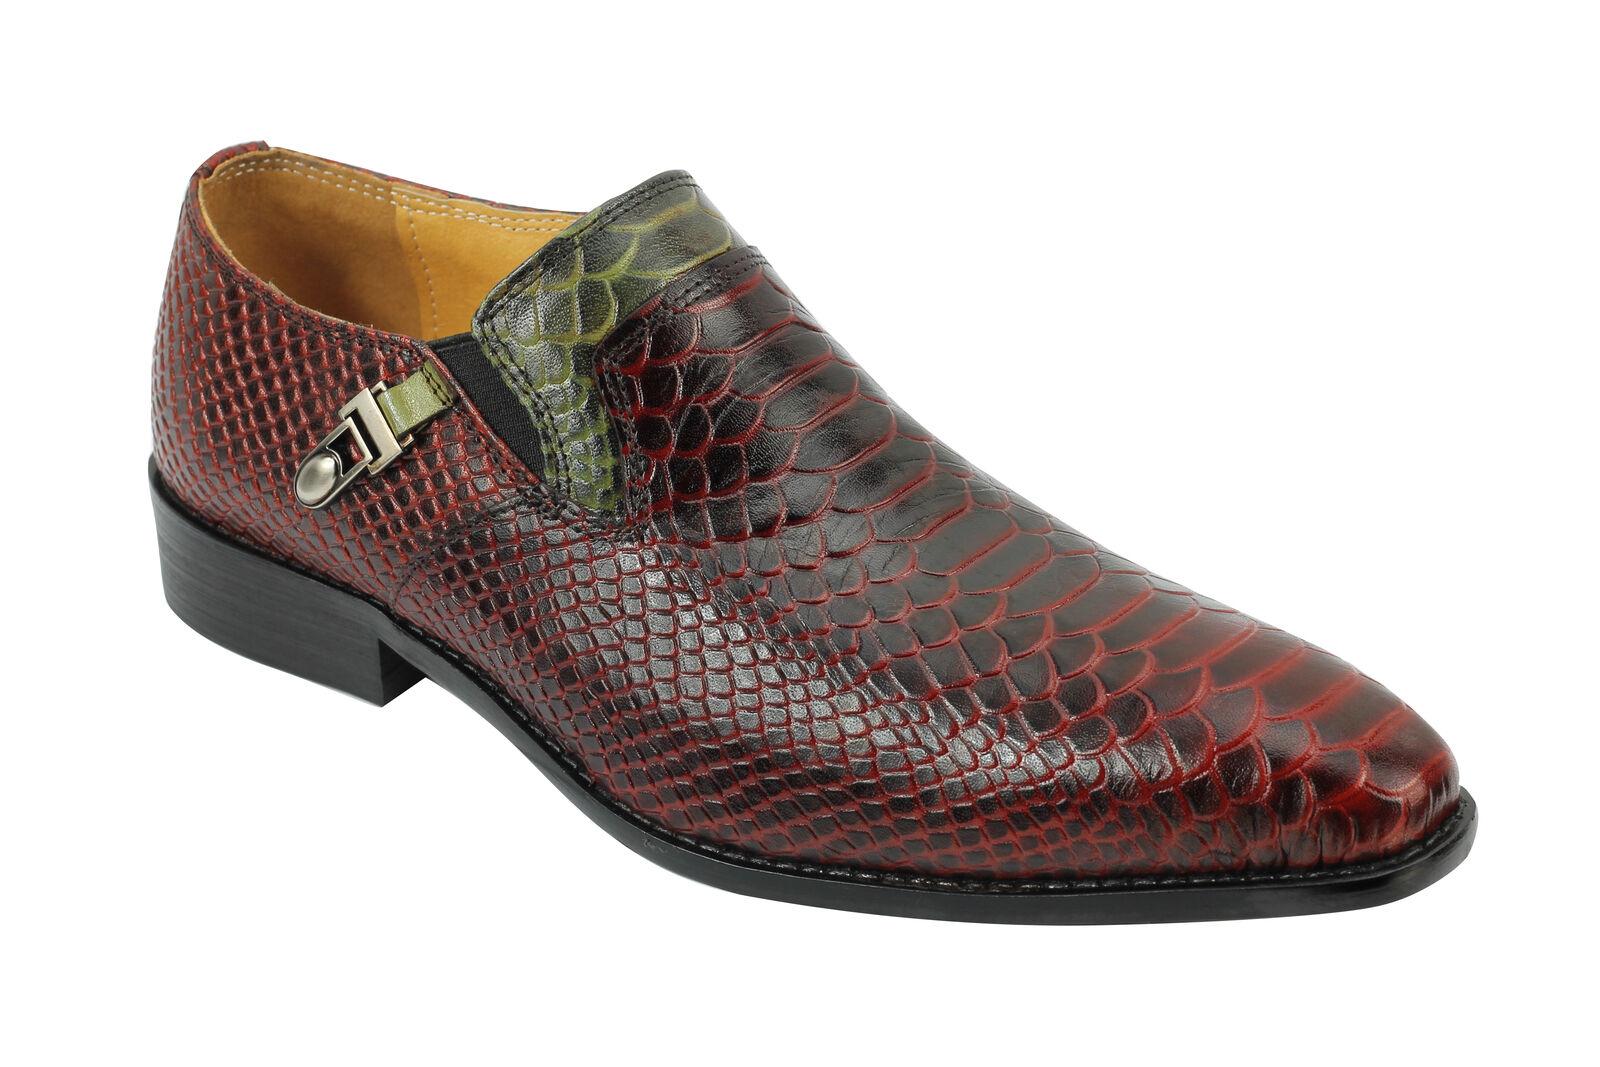 Homme nouveau en cuir véritable noir vin marron peau de serpent look vintage mocassins mod chaussures